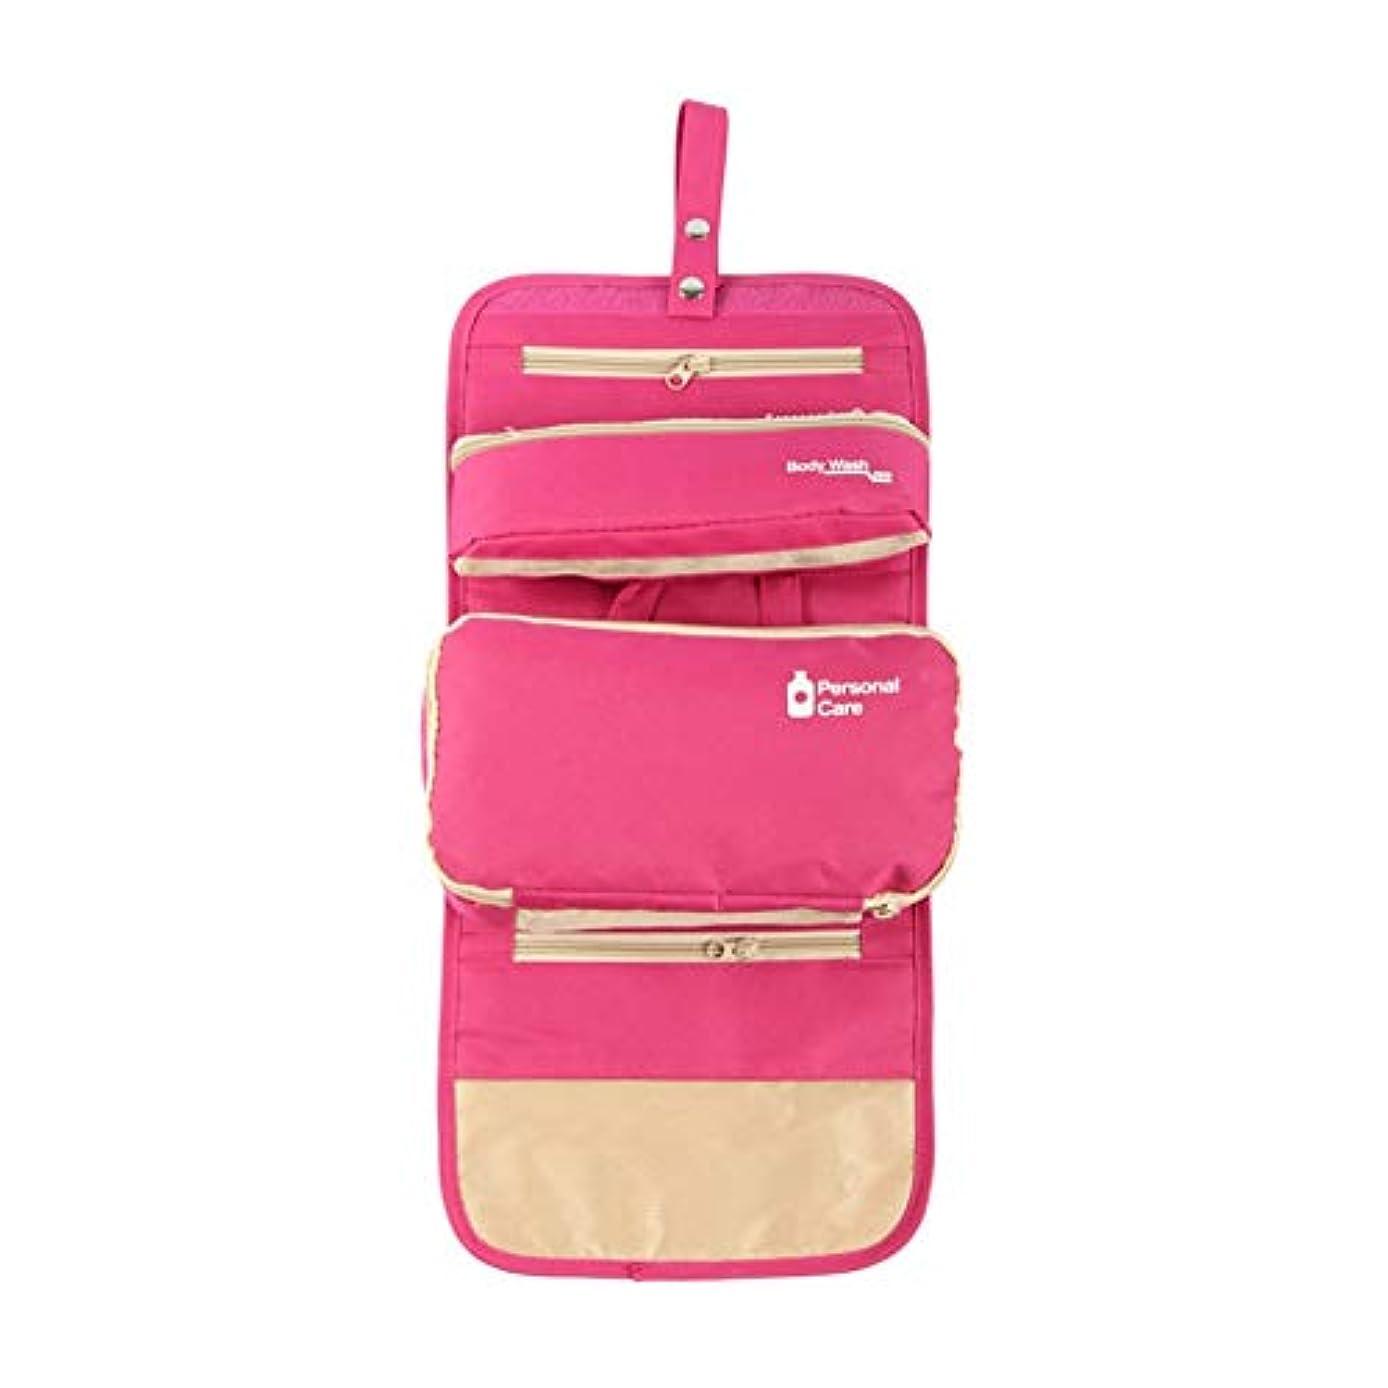 重要レンズアクション化粧オーガナイザーバッグ ハンギングトラベルウォッシュバッグナイロンポータブル化粧品家庭用ストレージバッグ折りたたみ旅行化粧品収納ボックス 化粧品ケース (色 : ピンク)